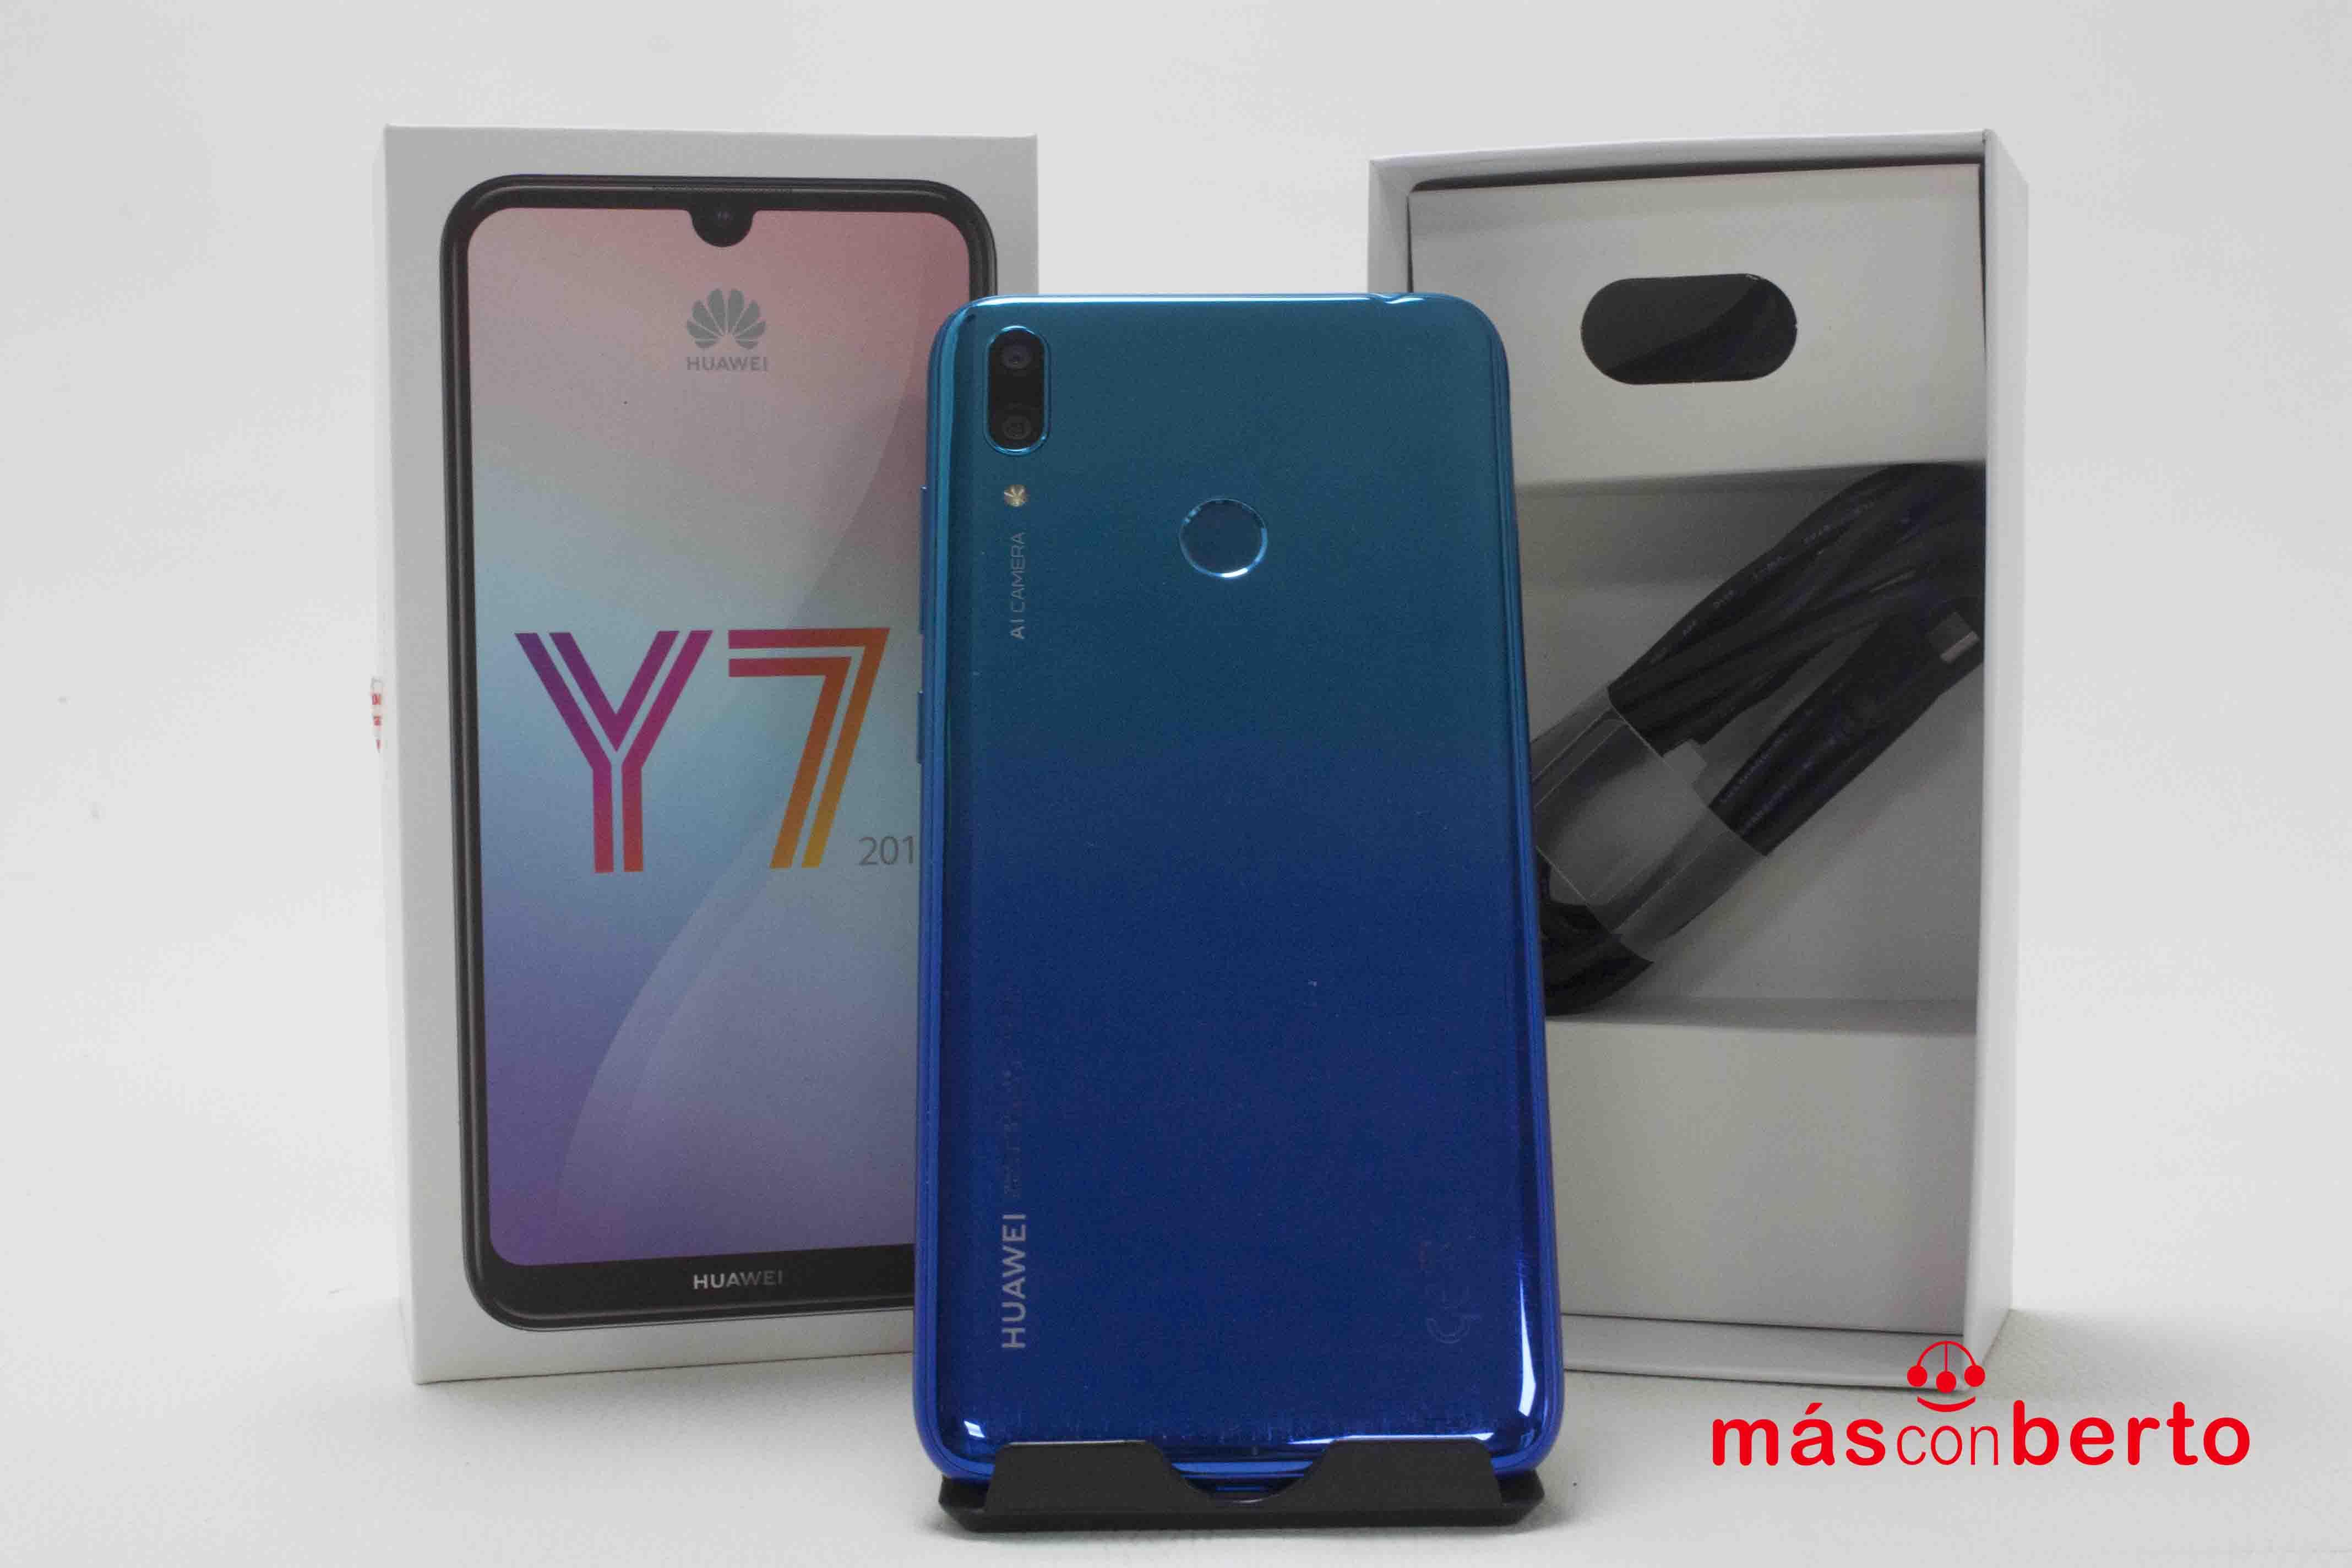 Móvil Huawei Y7 2019 32GB Azul